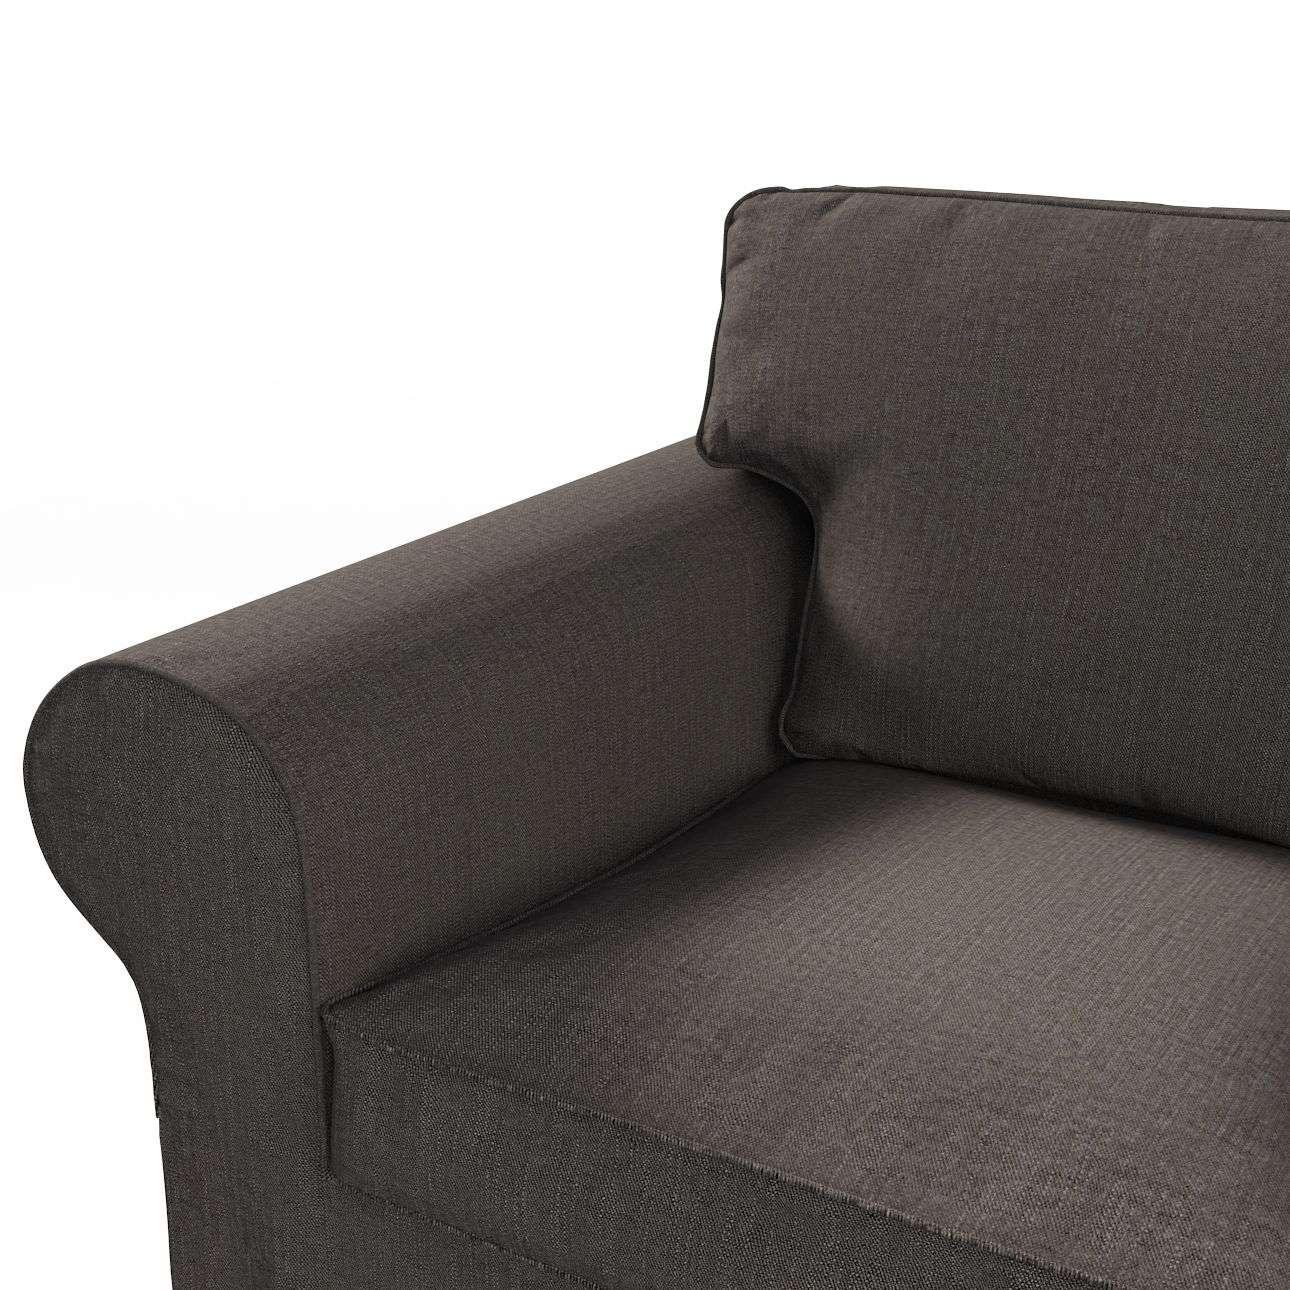 Pokrowiec na sofę Ektorp 3-osobową, nierozkładaną Sofa Ektorp 3-osobowa w kolekcji Vintage, tkanina: 702-36